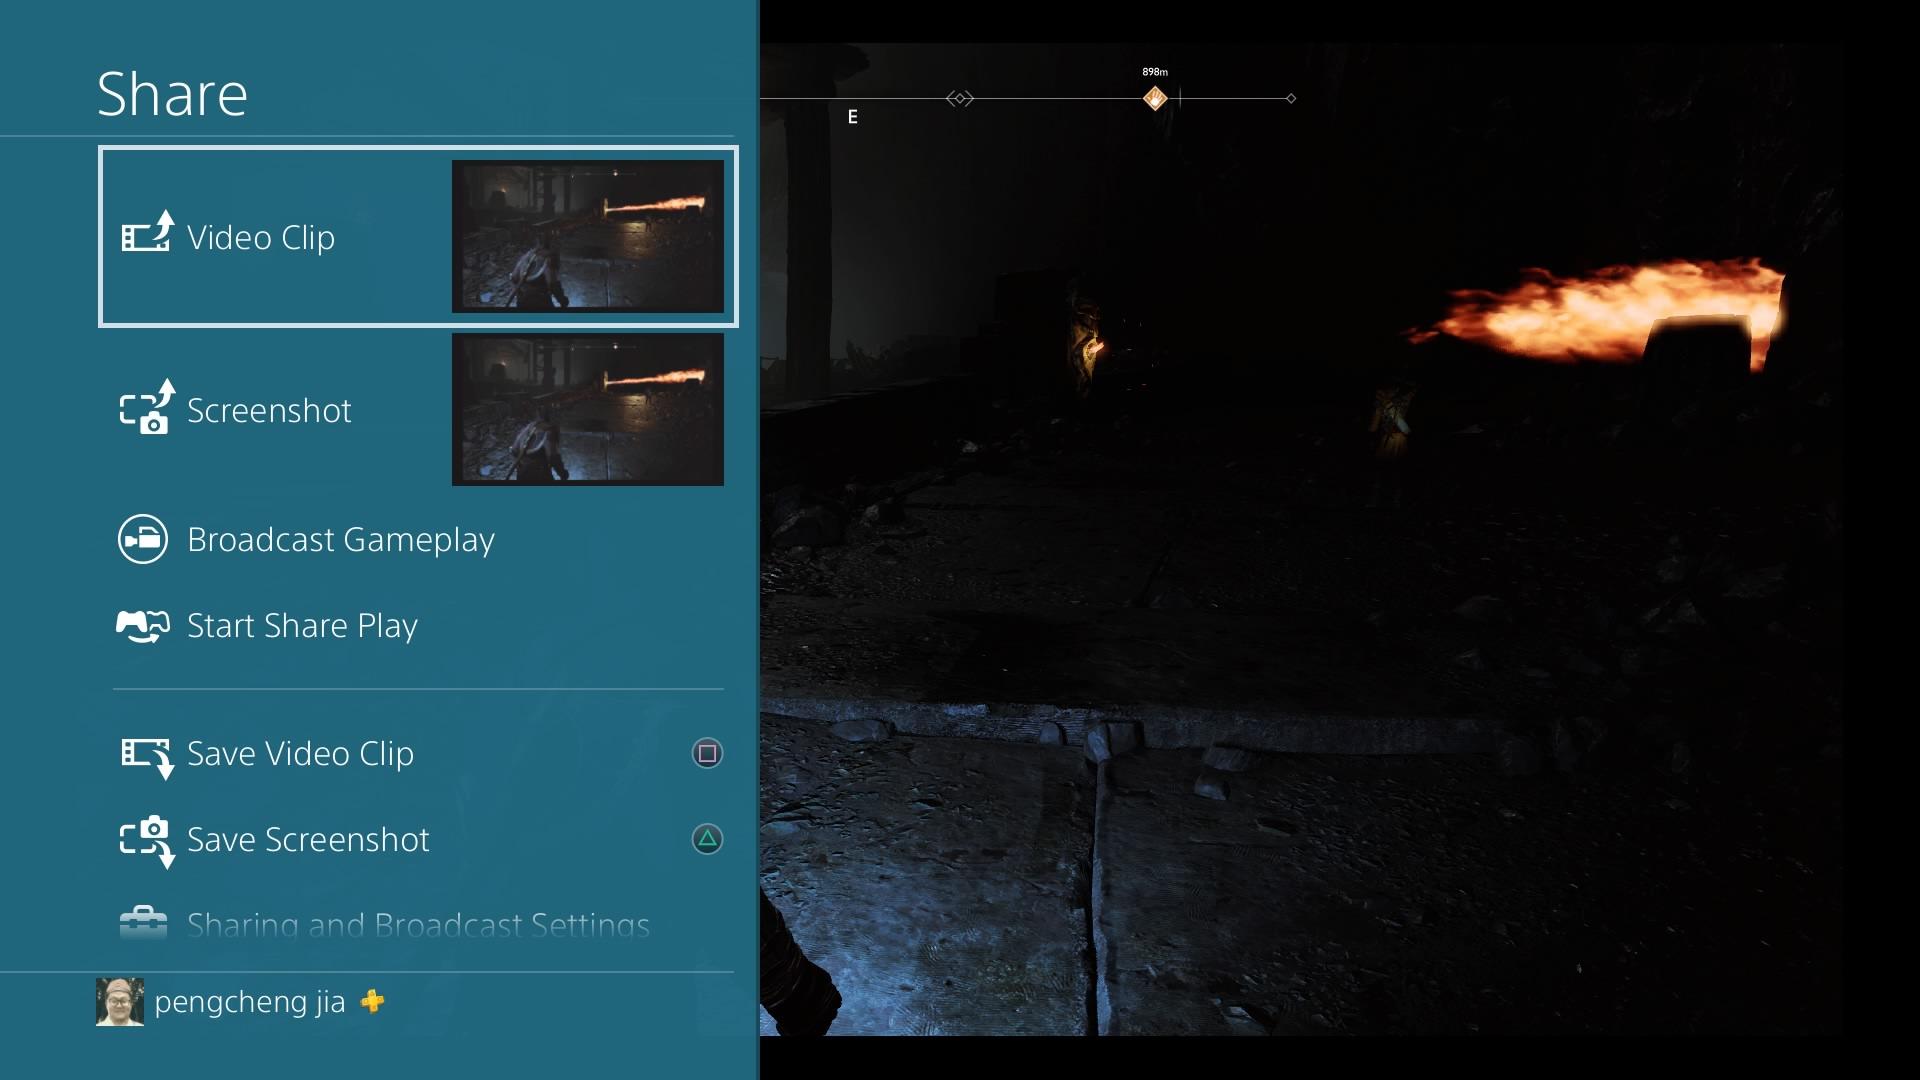 Como Gravar a Gameplay no PS4 - Começar a Gravação